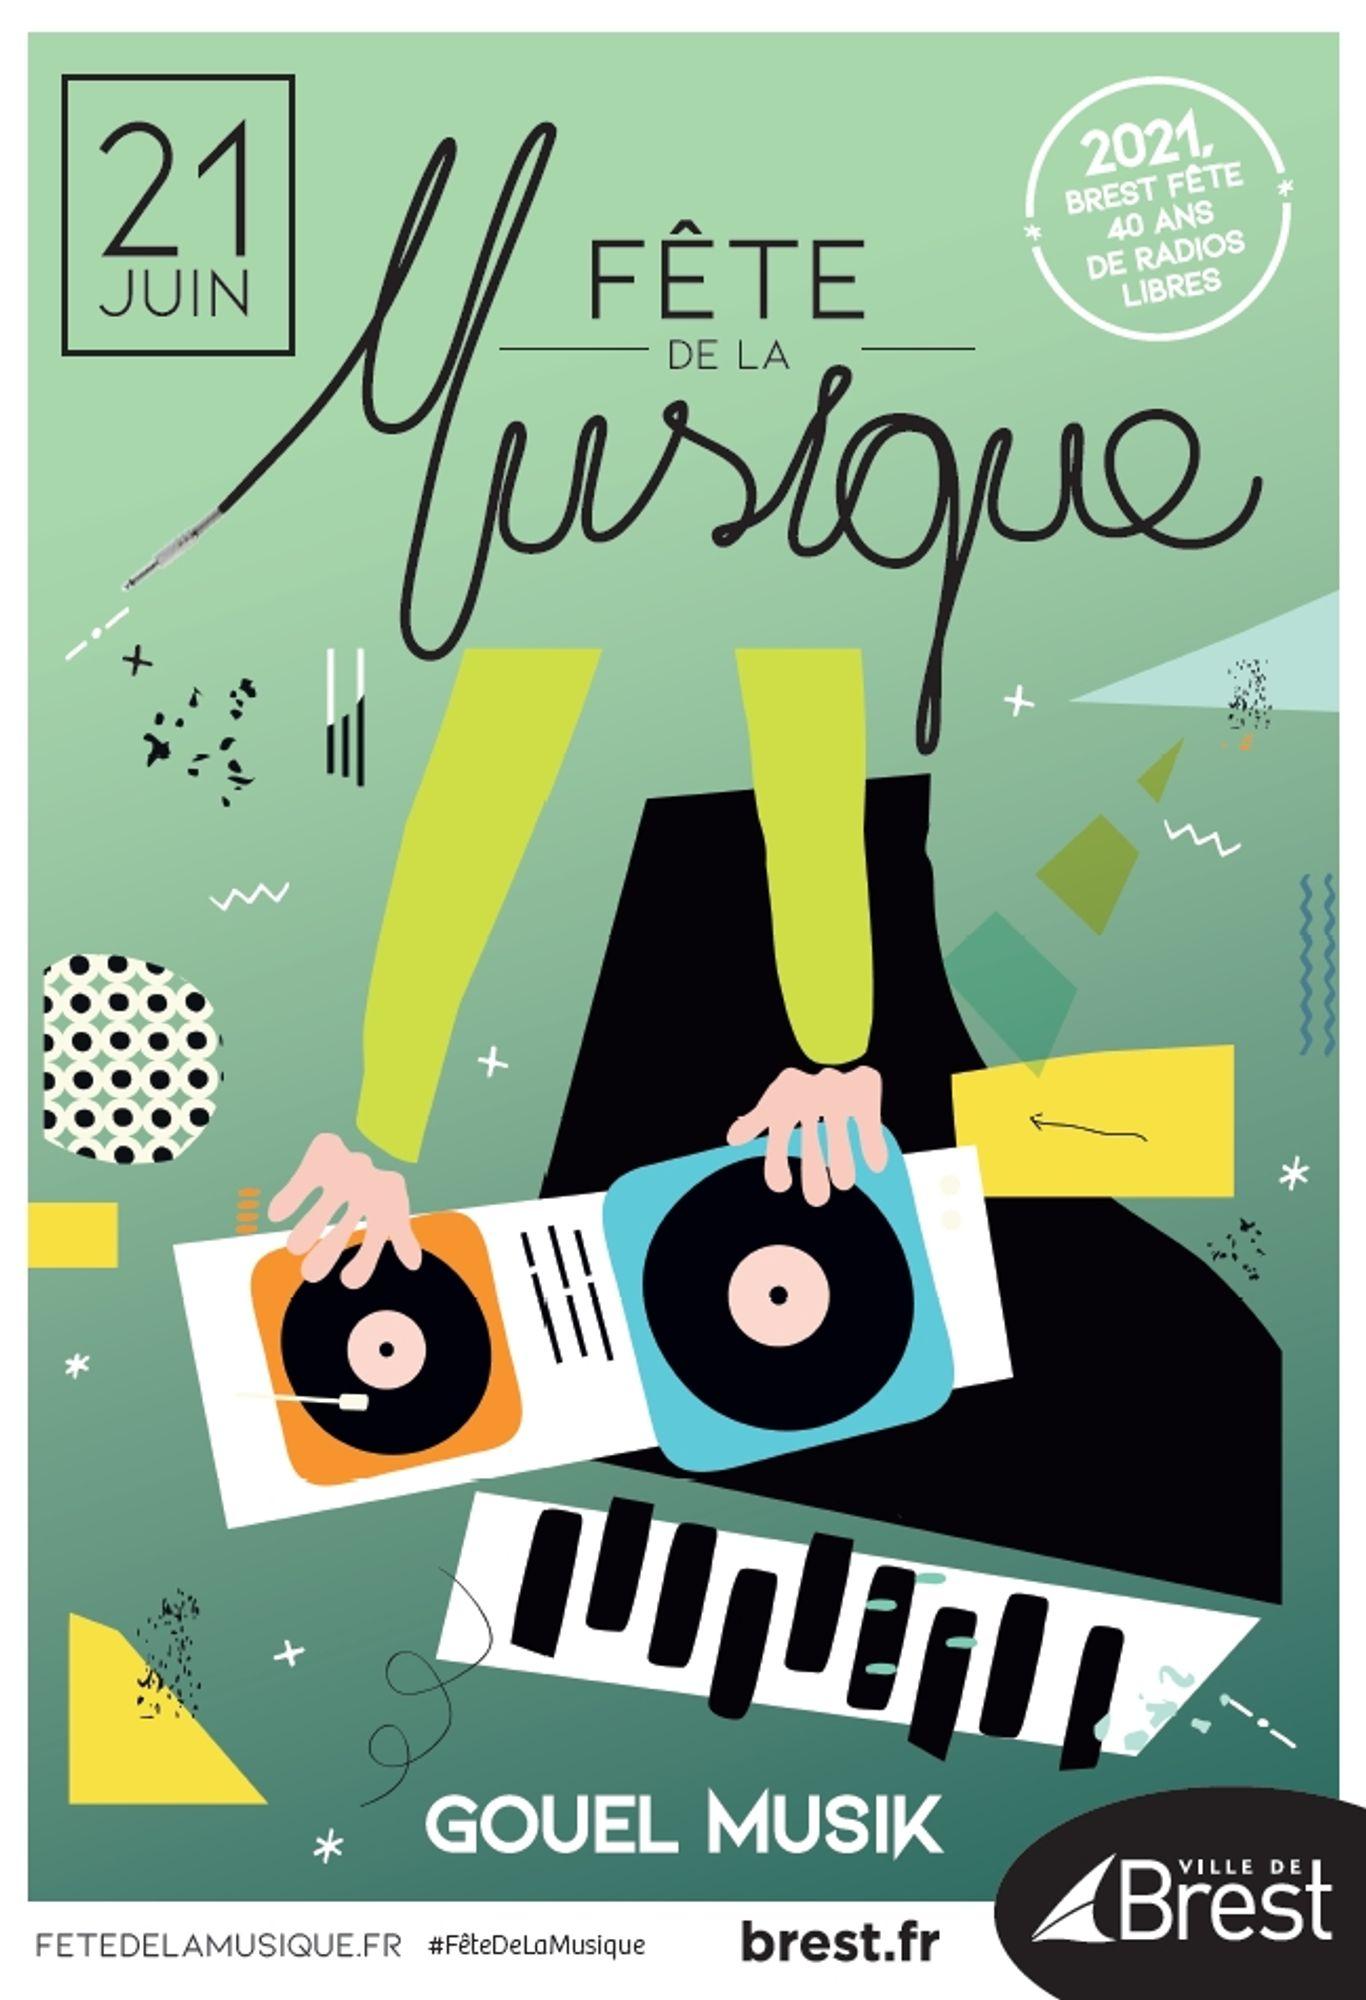 Affiche de la Fête de la Musique 2021 à Brest